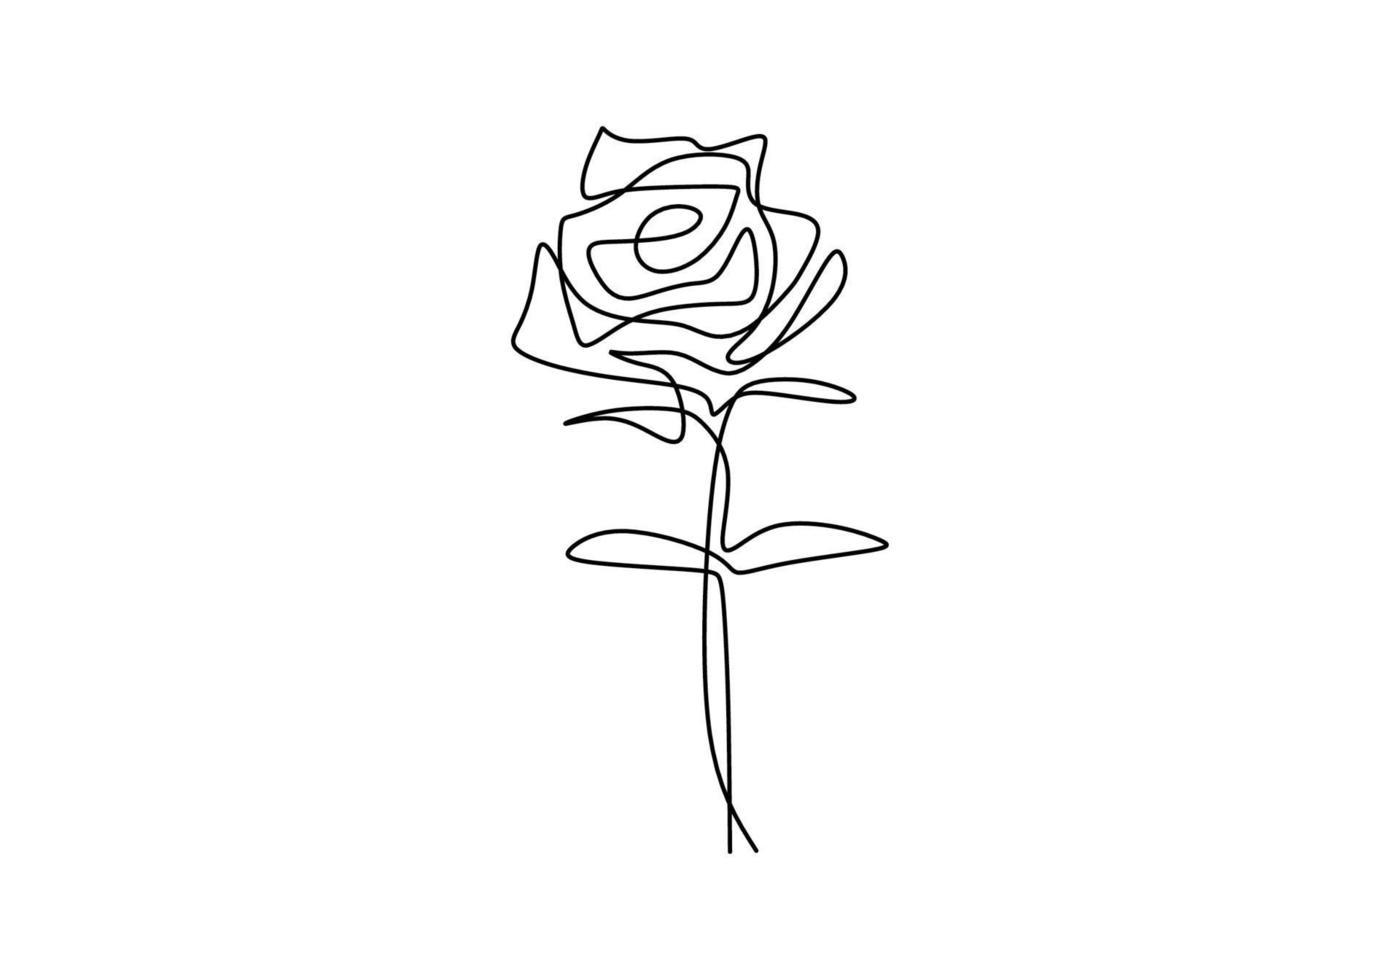 een doorlopende enkele lijn roos design handgetekende minimalistische stijl. mooie roos symbool van liefde geïsoleerd op een witte achtergrond. romantisch bloementhema. vector ontwerp illustratie